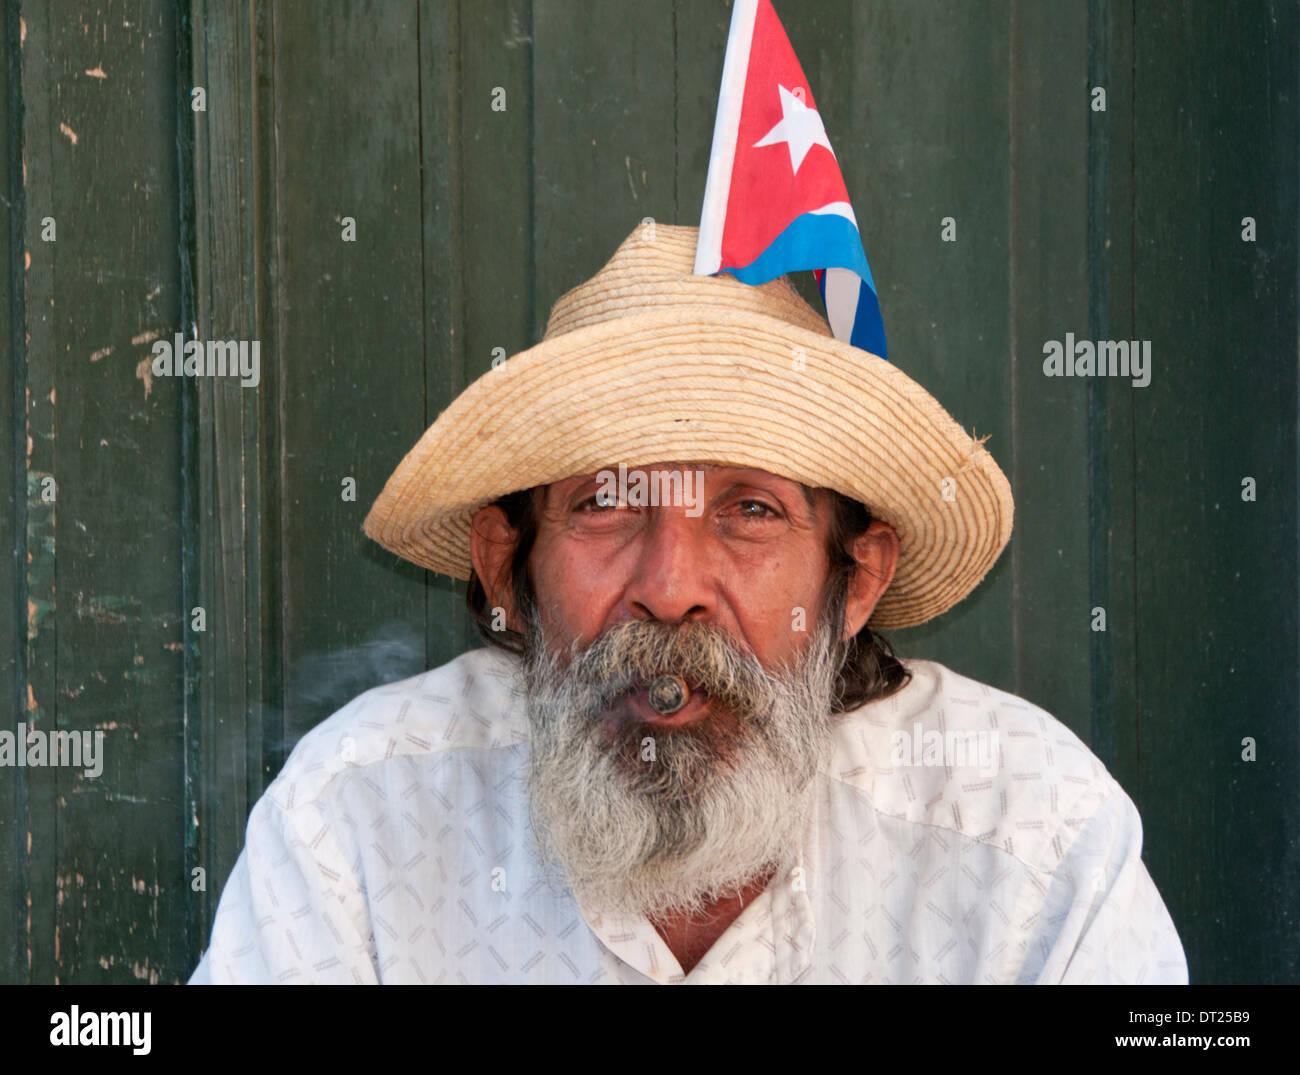 Porträt eines lokalen kubanischen Mann, Habana Vieja, Havanna, Kuba, Karibik Stockbild